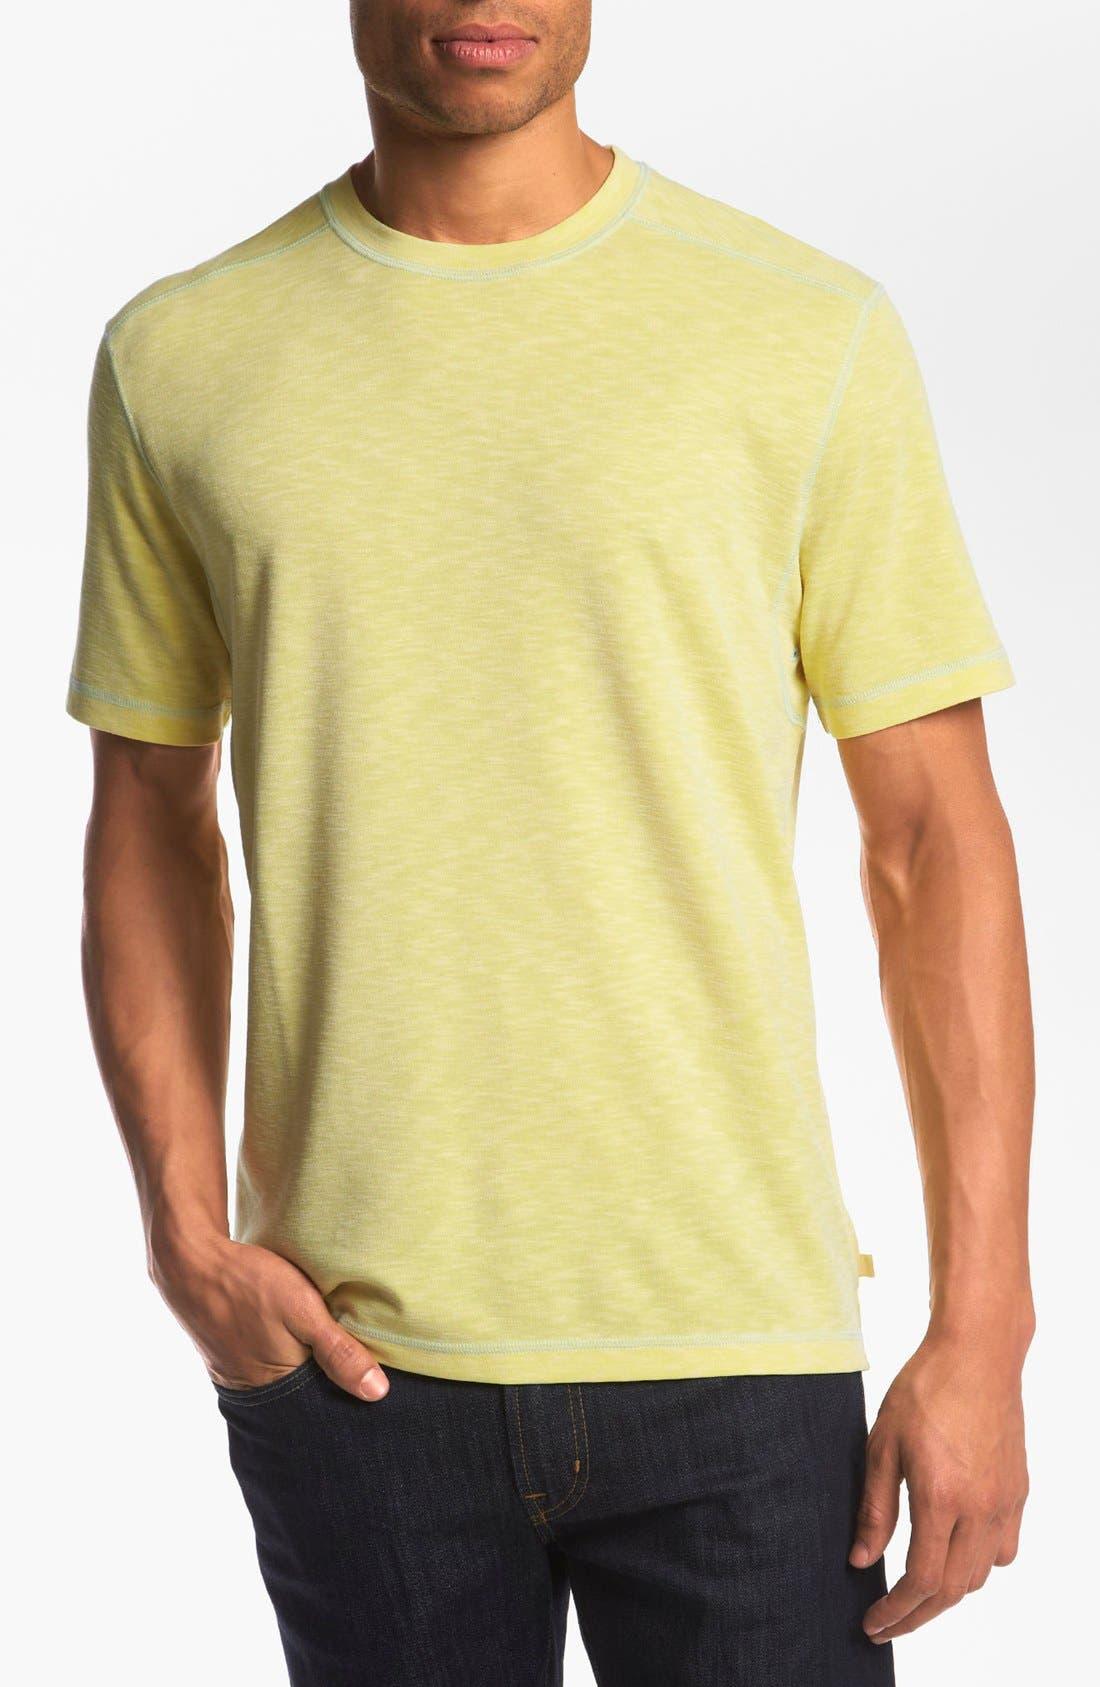 Main Image - Tommy Bahama 'Paradise Blend' Crewneck T-Shirt